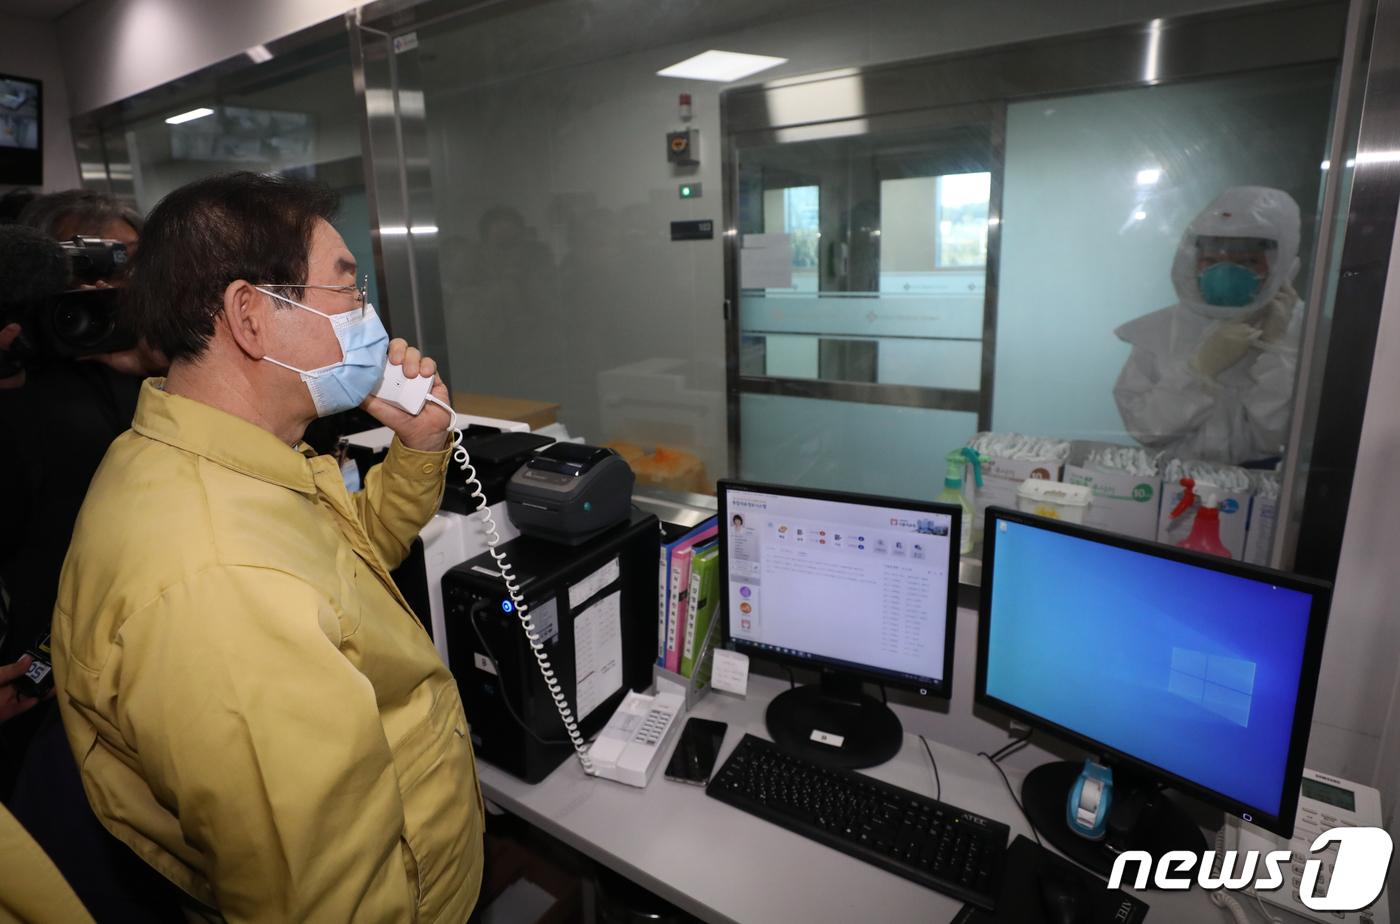 충북·부산 음압병상도 꽉 찼다..전국 '사용중' 절반 넘어[은색크루즈? 토토|보스 토토]